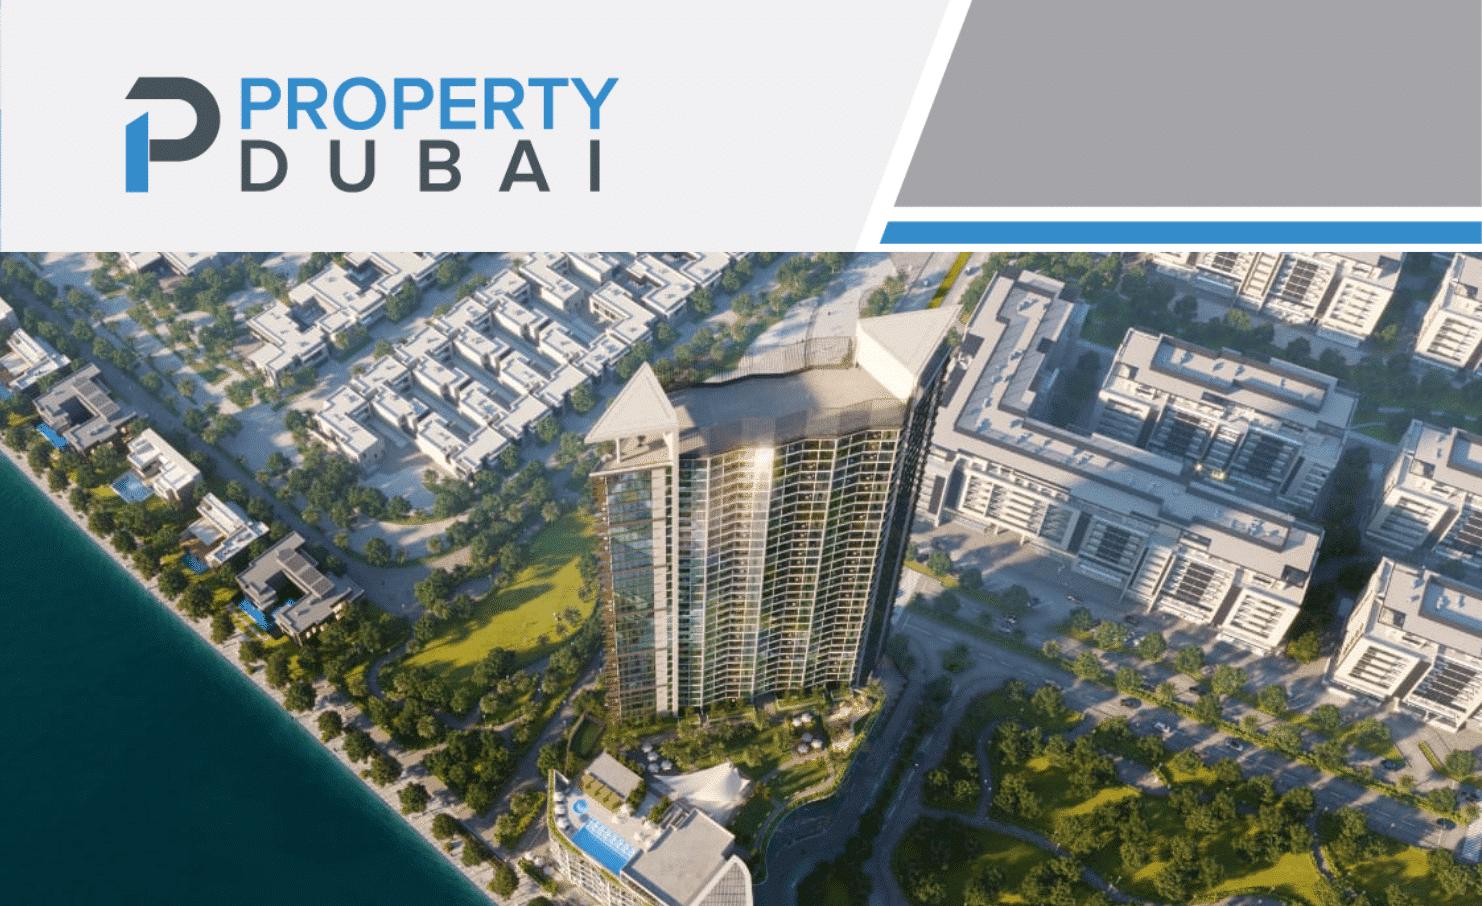 Newsletter: Aufenthaltsrecht in Dubai durch Immobilieninvestment